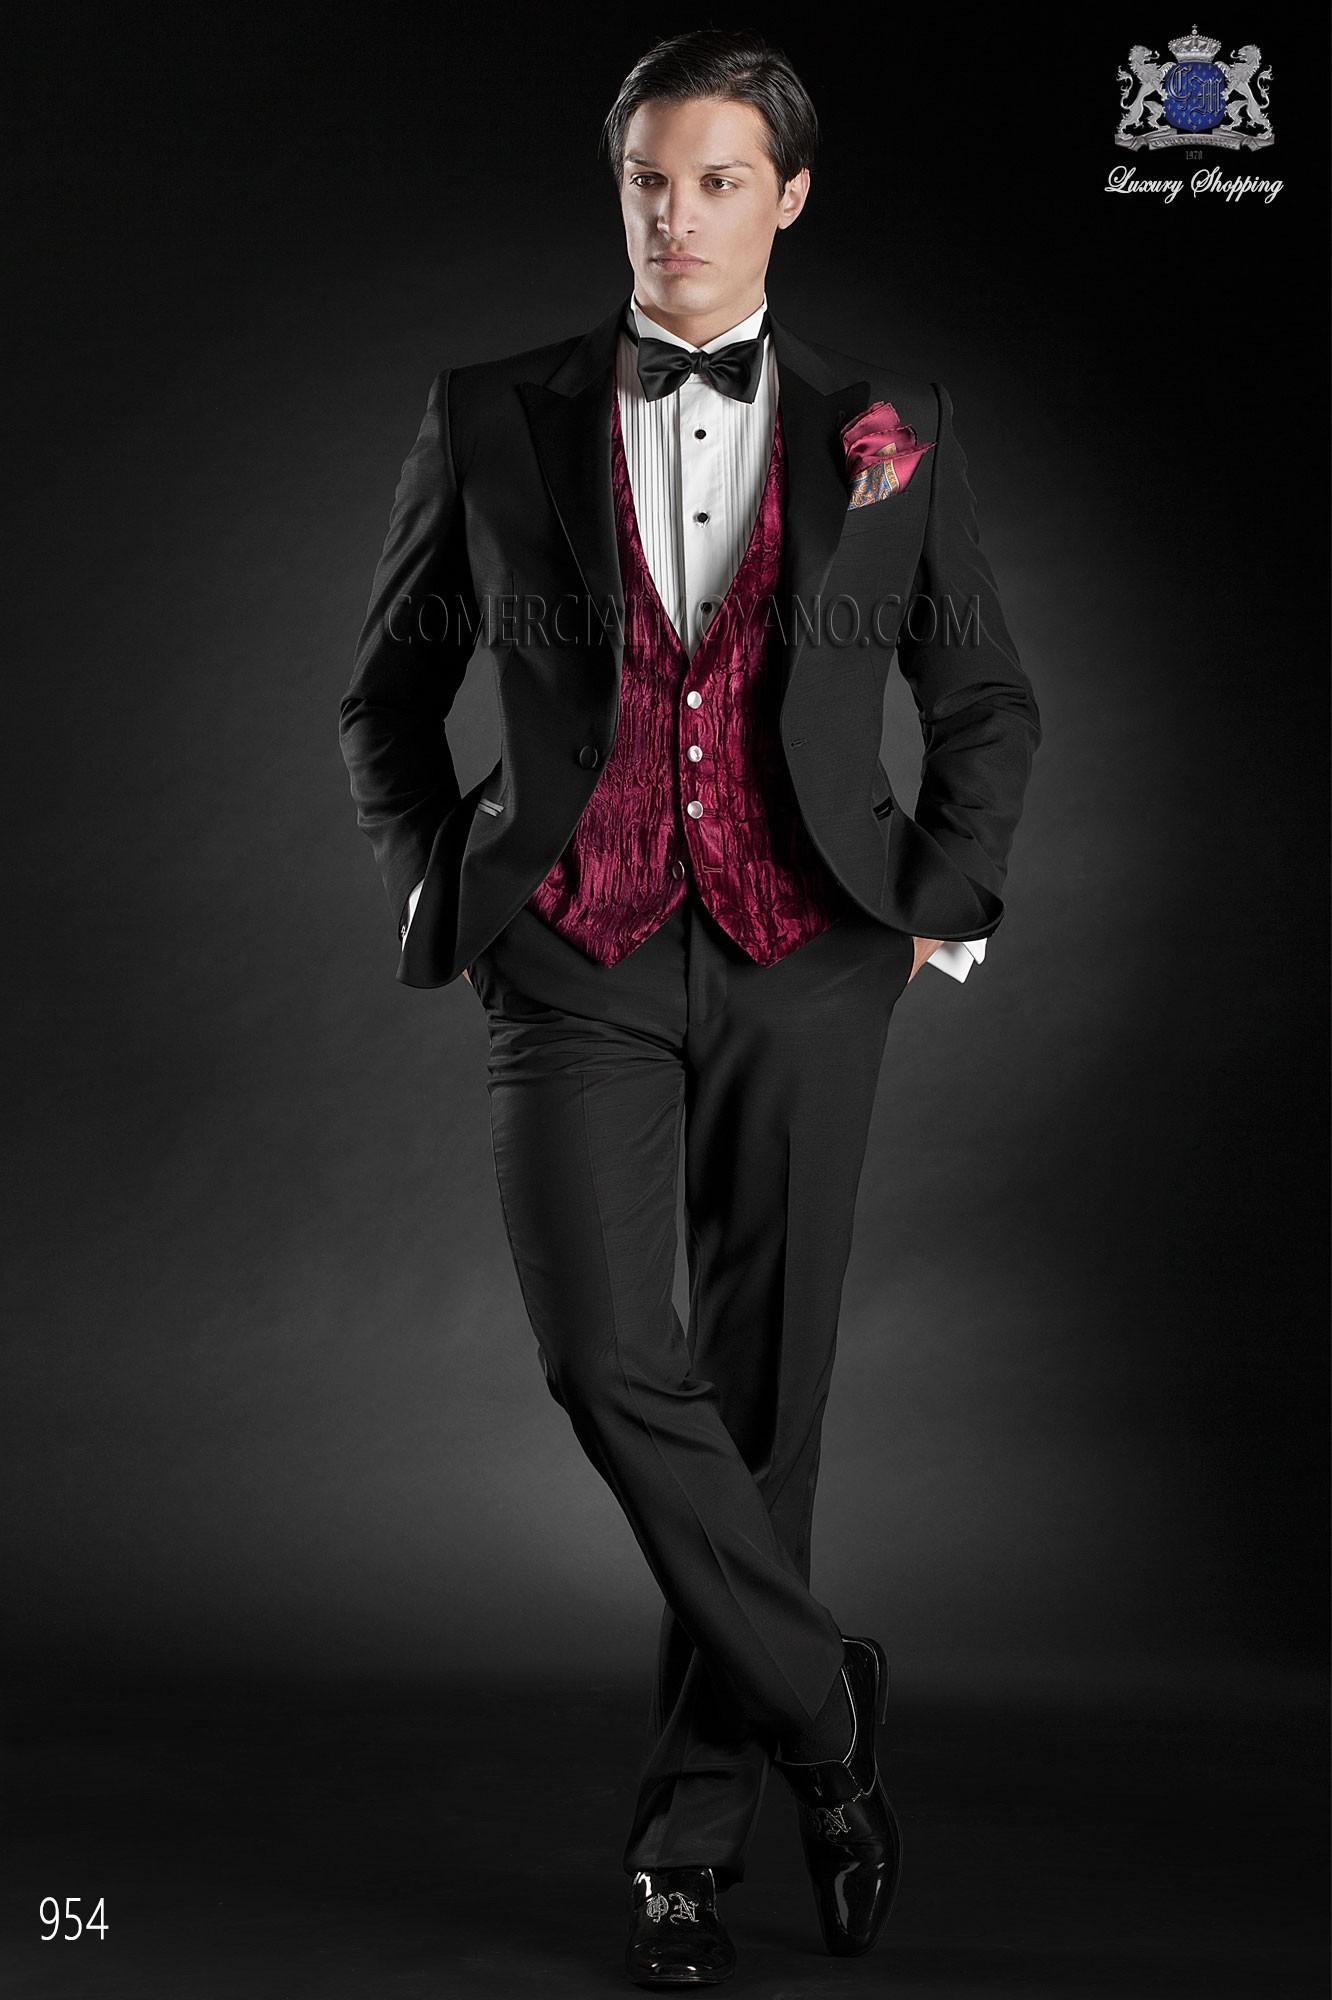 Traje de fiesta hombre negro modelo: 954 Ottavio Nuccio Gala colección Black Tie